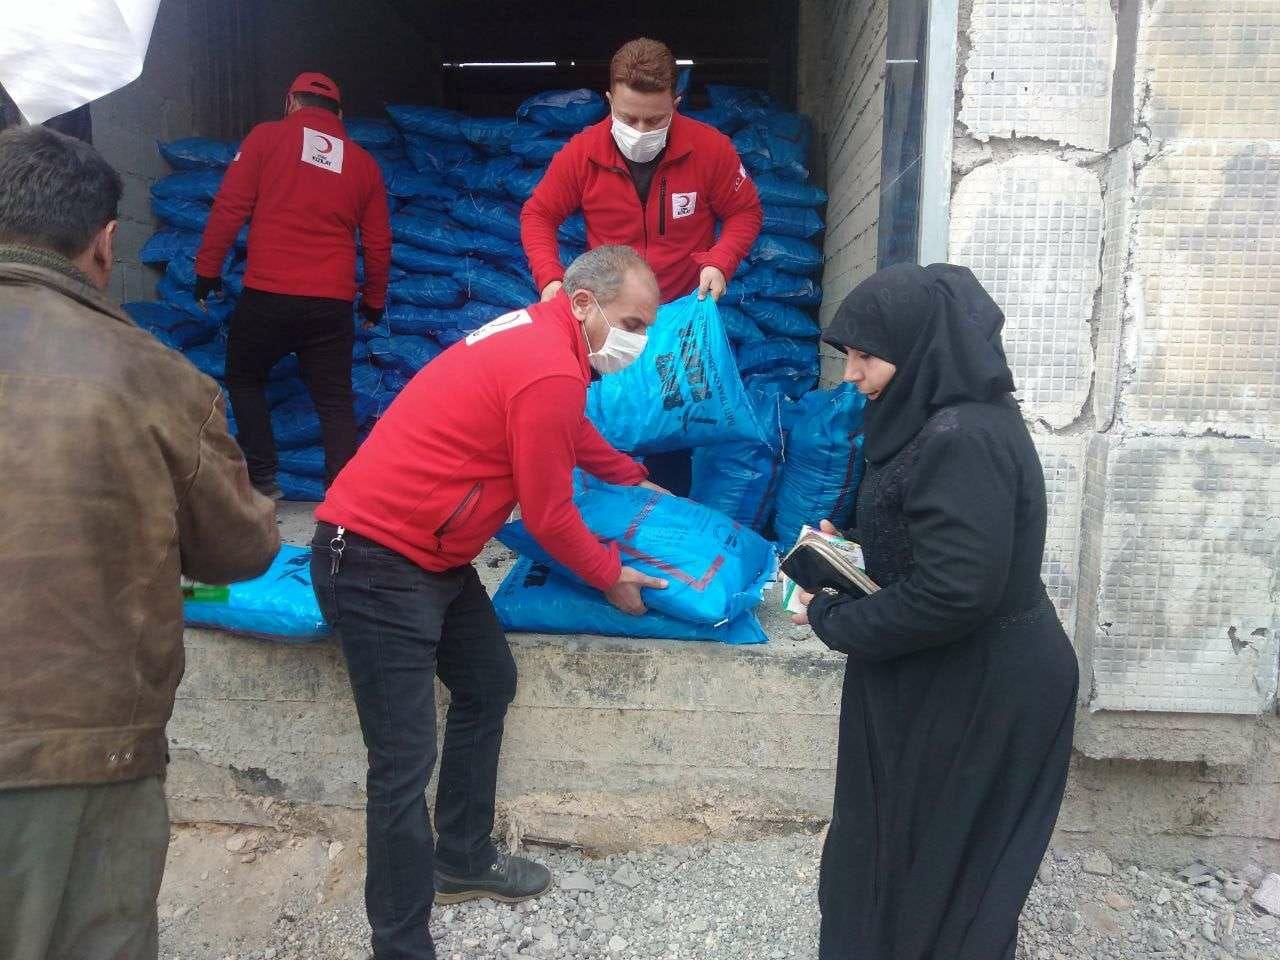 صورة الهلال الأحمر التركي يفرح السوريين من جديد ويقدم المساعدات في عدة مناطق مختلفة